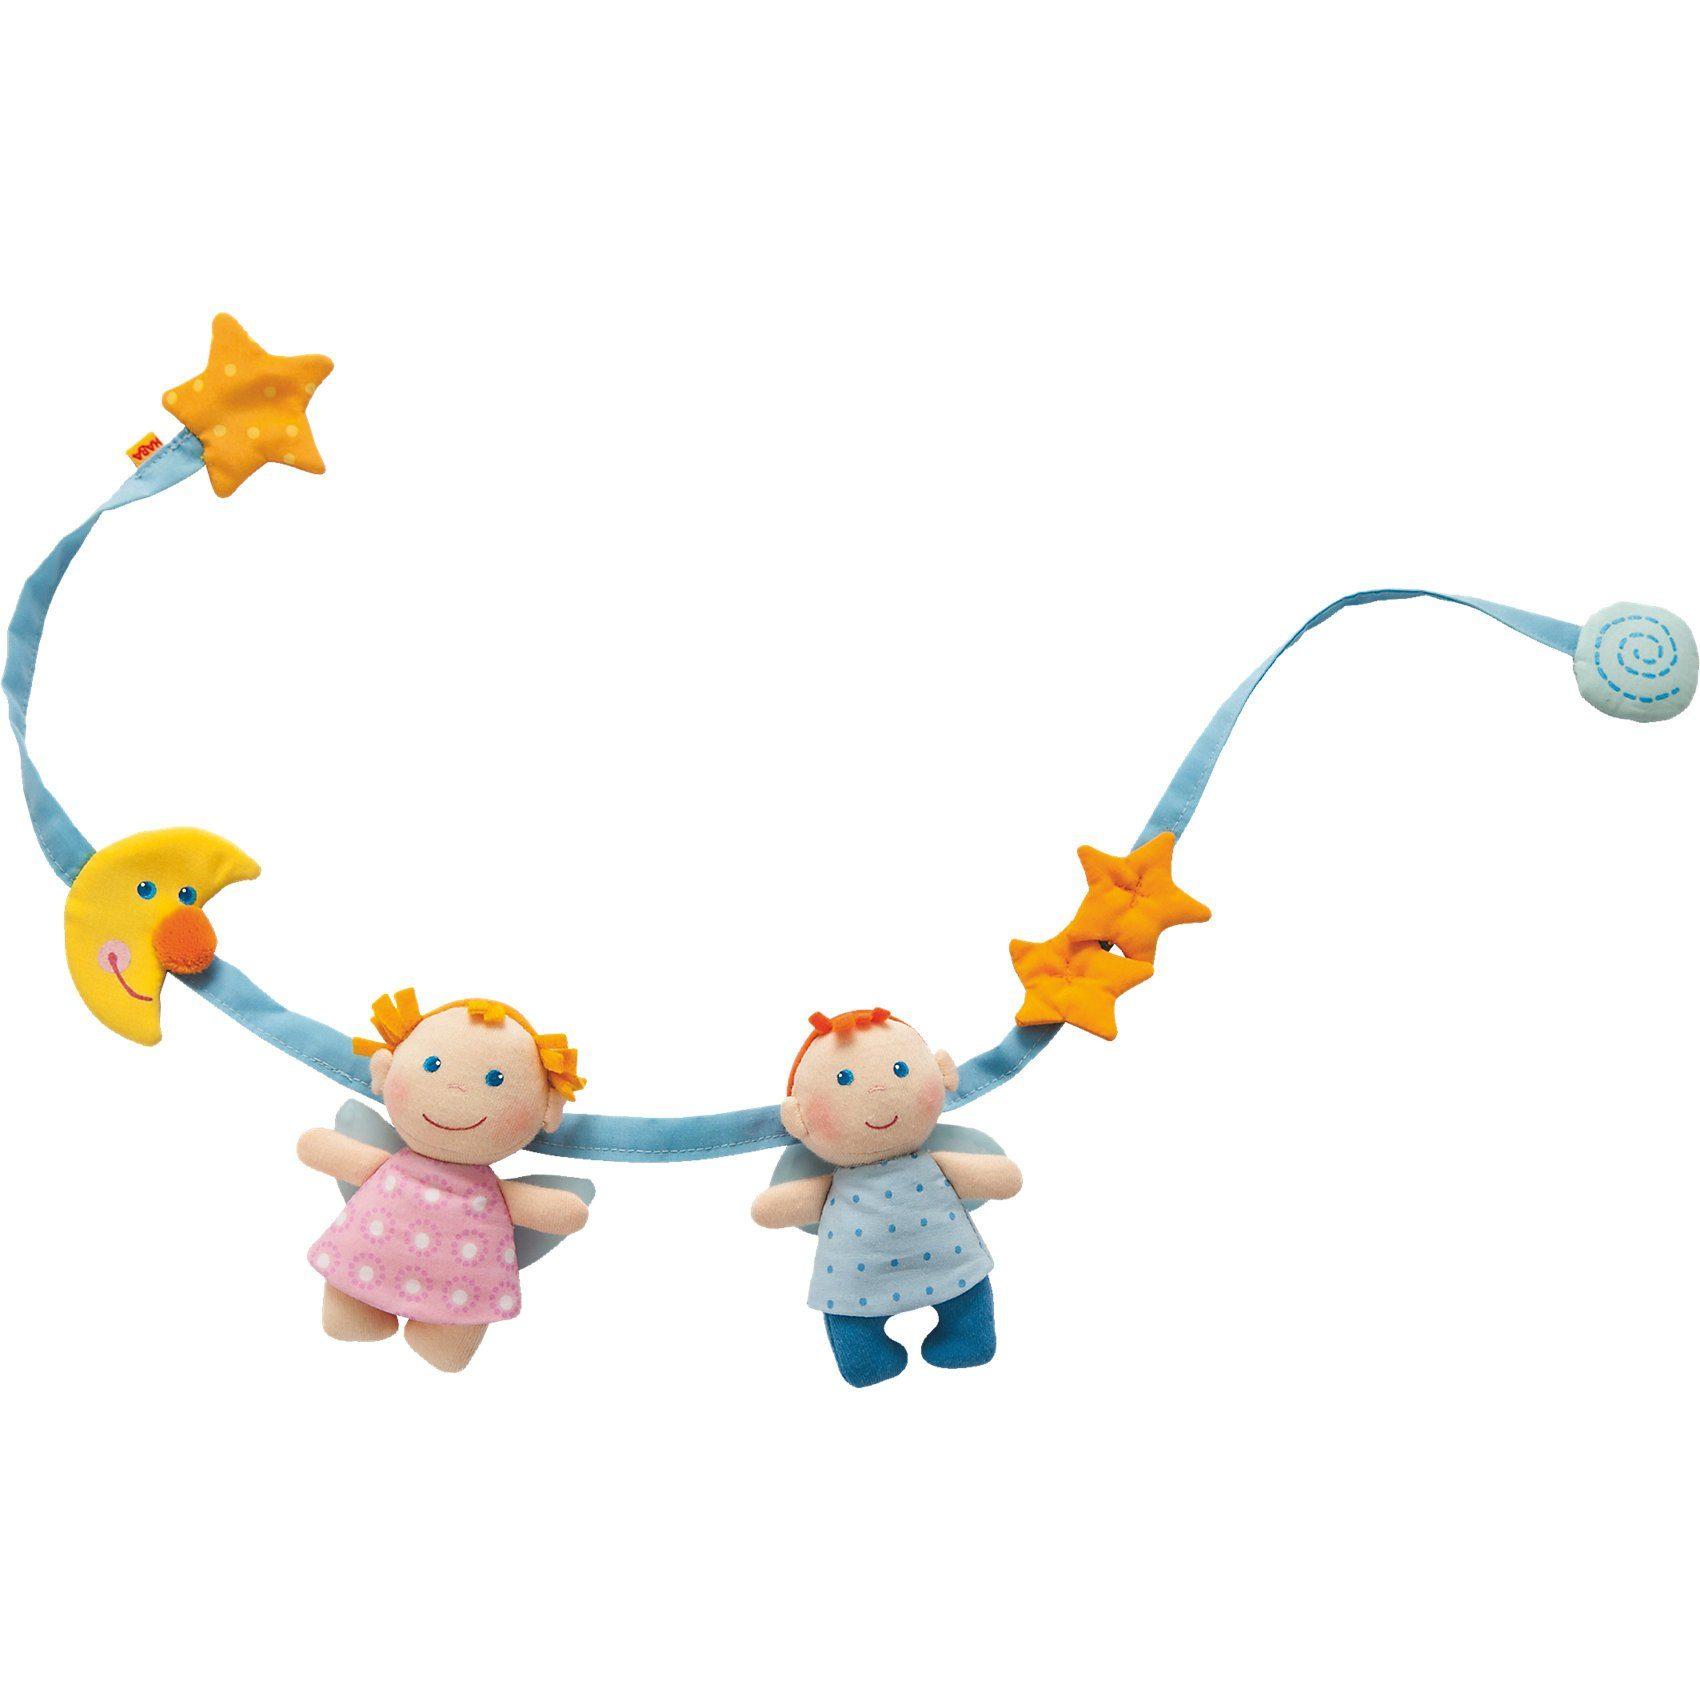 Haba Kinderwagenkette Schutzengel